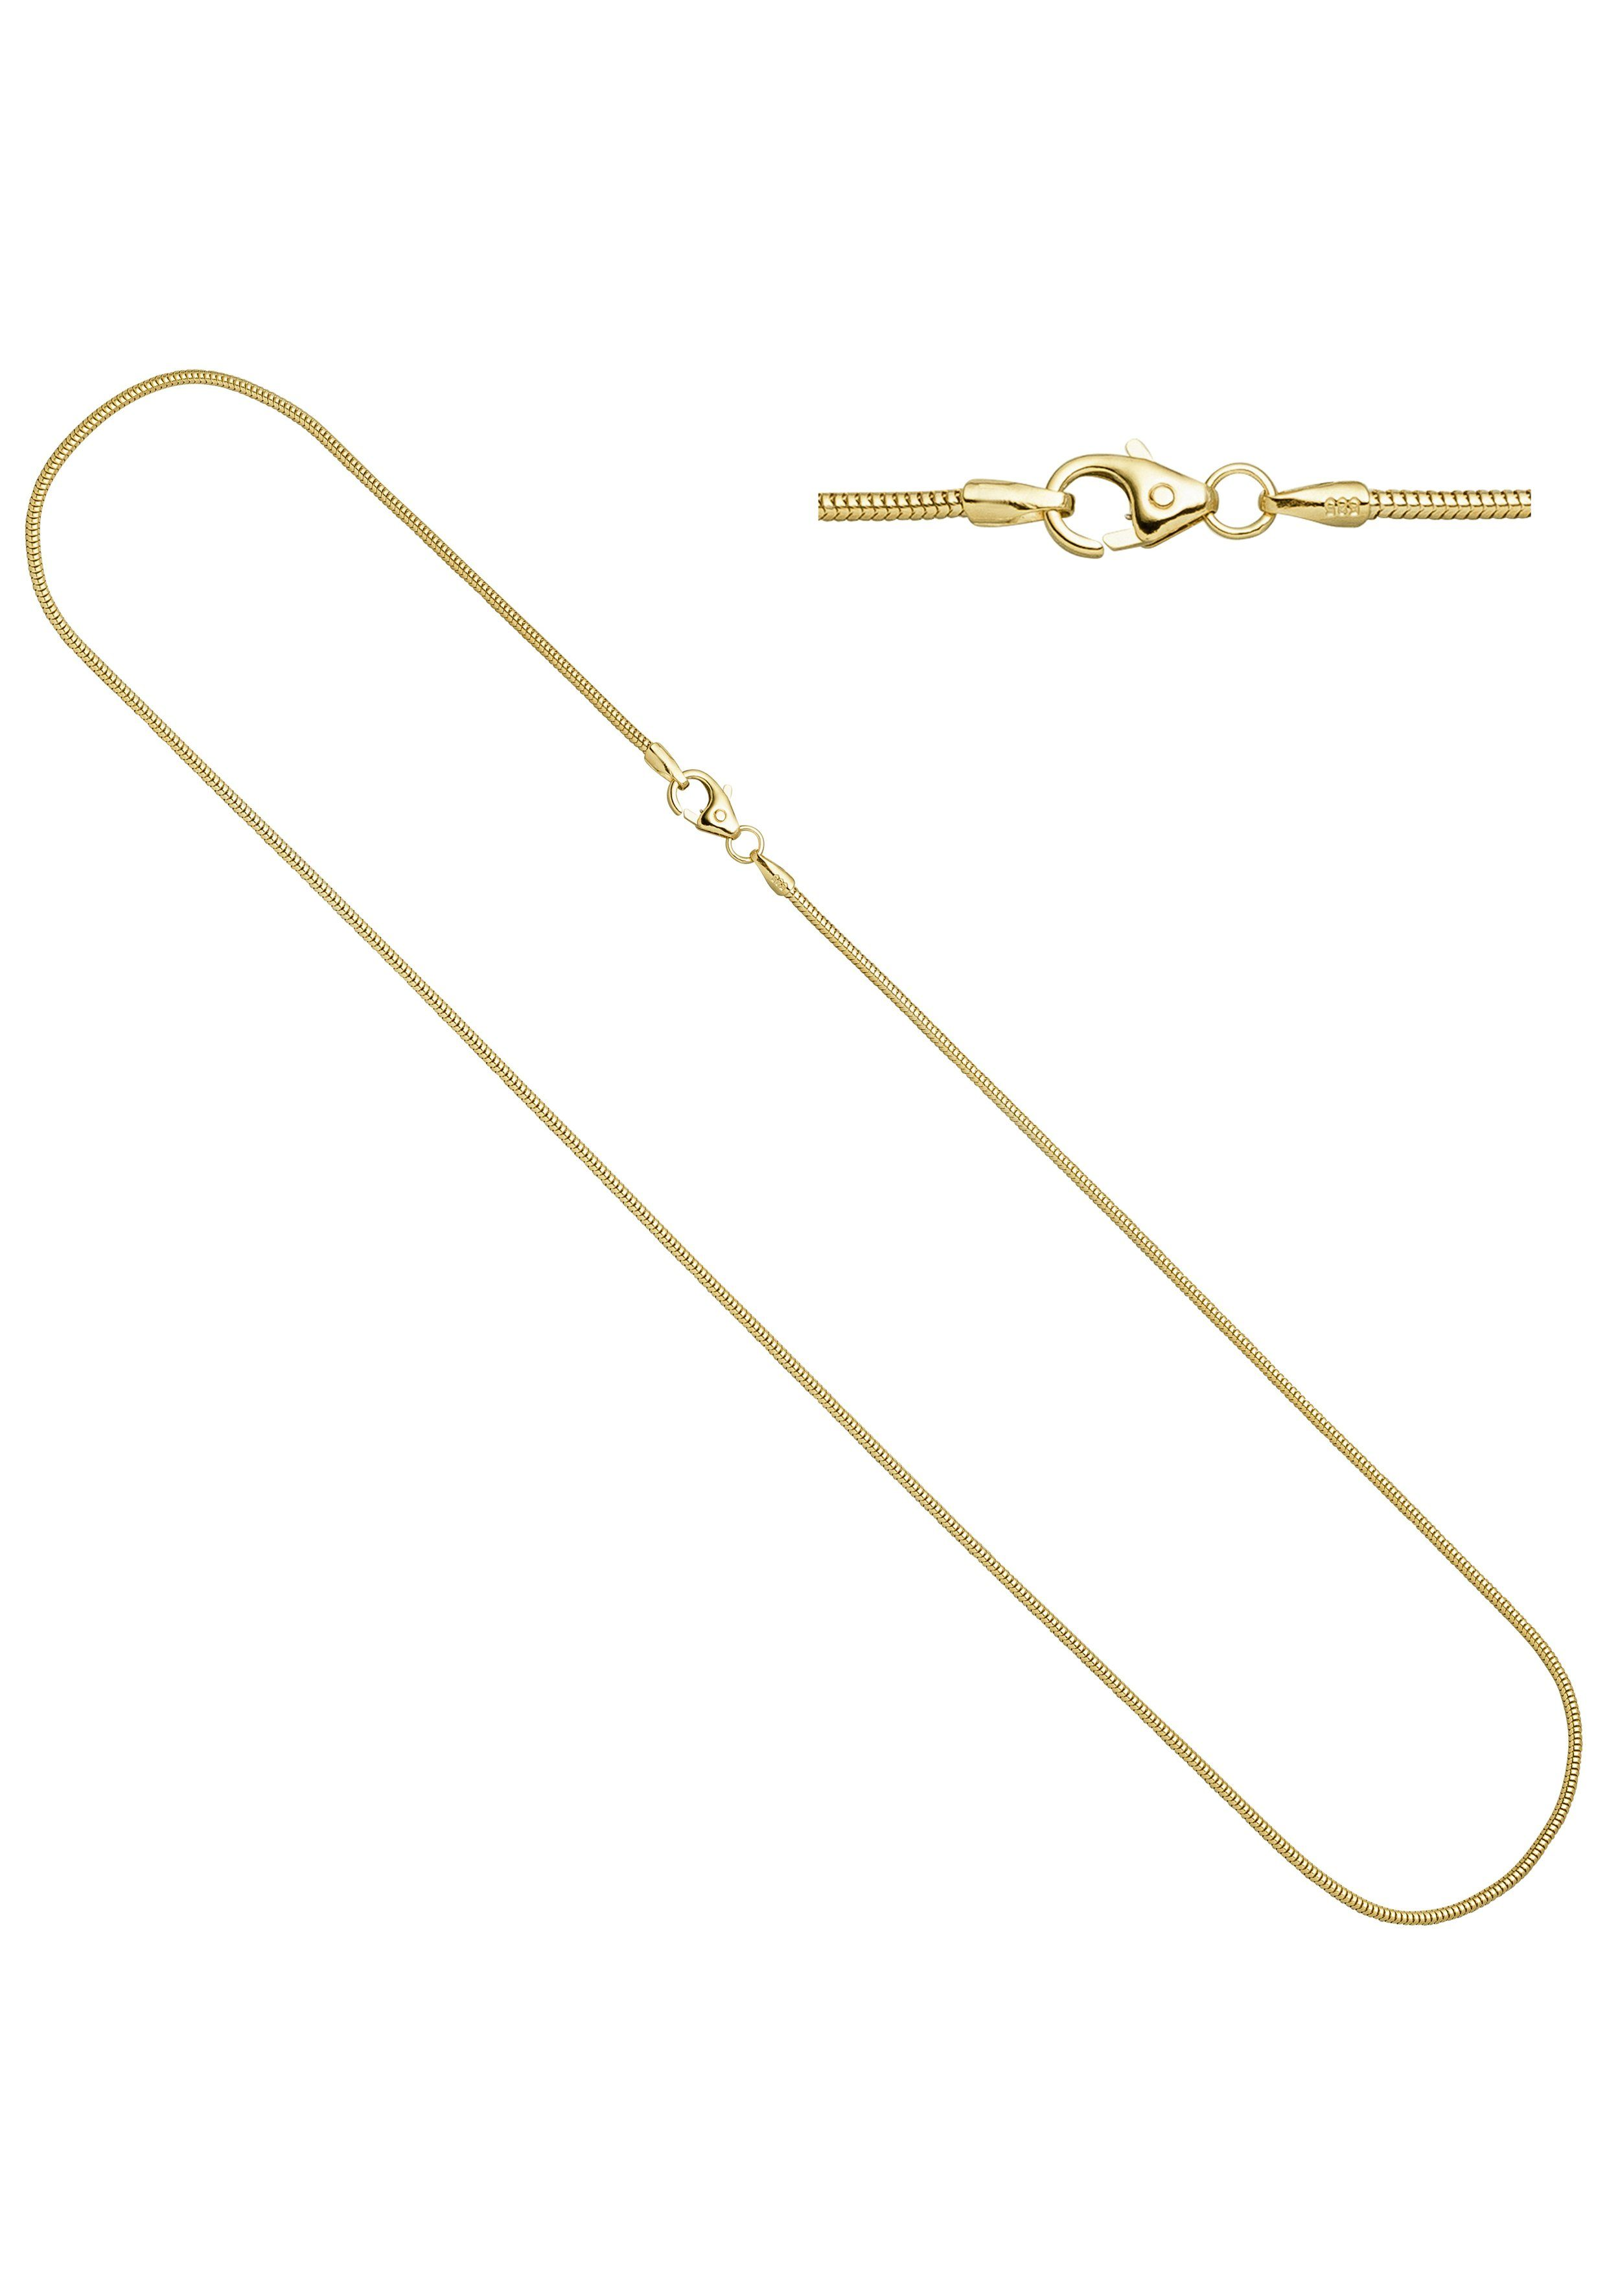 JOBO Goldkette Schlangenkette 585 Gold 50 cm 1,4 mm